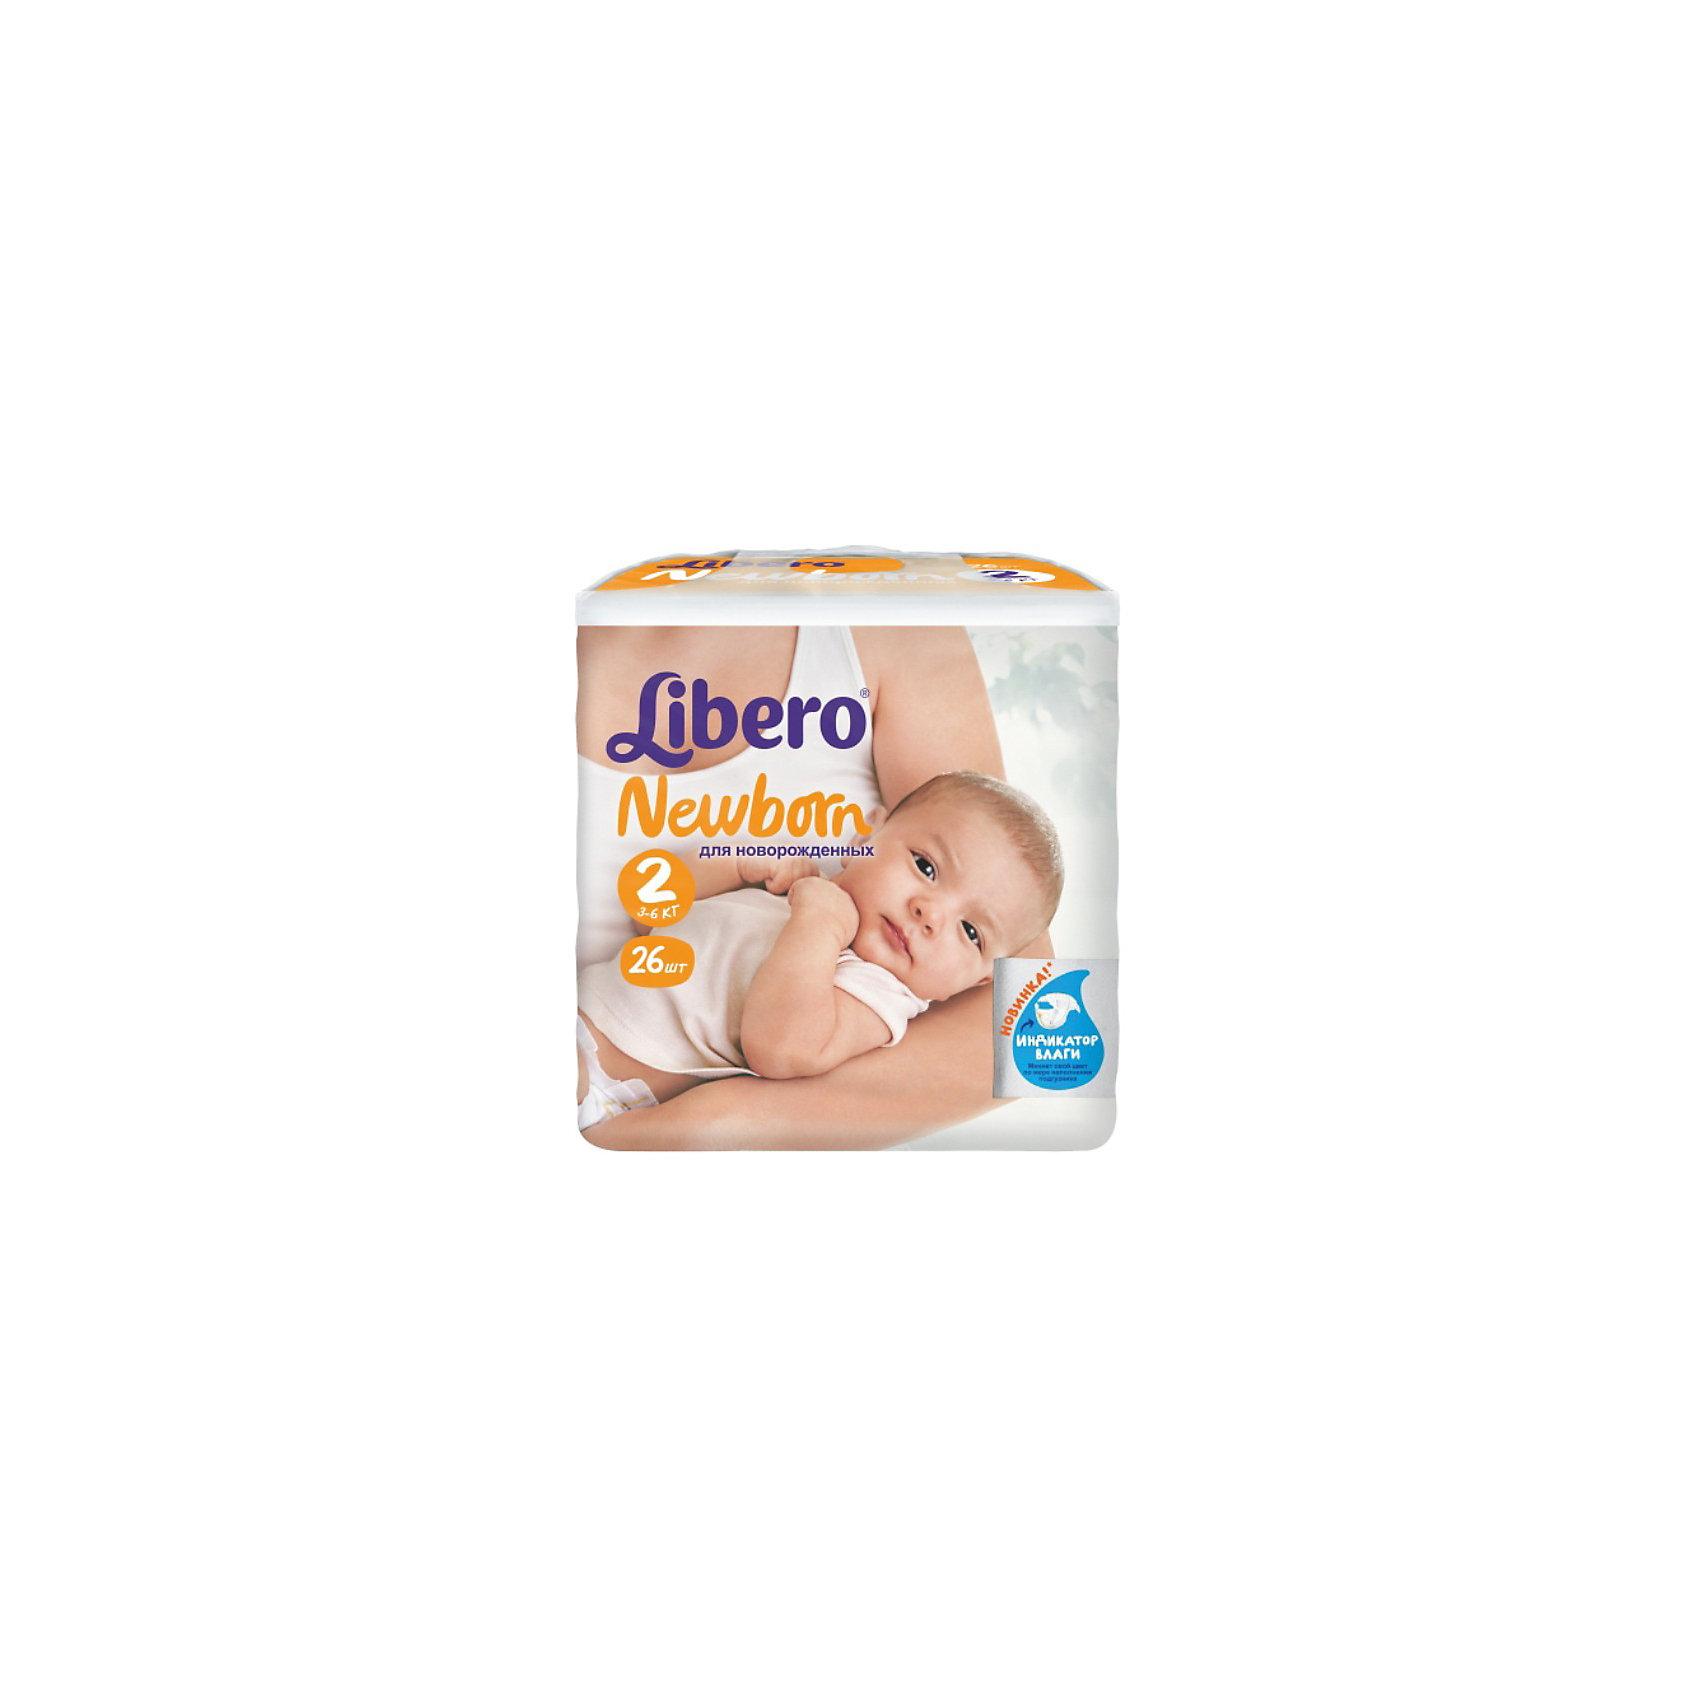 Подгузники Libero Newborn, Mini 3-6 кг (2), 26 шт.Подгузники 0-5 кг<br>Подгузники Libero Newborn (Либеро Ньюборн) Size 2 (3-6кг), 26 шт.<br><br>Характеристики:<br><br>• быстро впитывают влагу и удерживают ее<br>• нетканый дышащий материал<br>• эластичный поясок<br>• специальный вырез для пупка<br>• мягкий барьер вокруг ног защитит от протеканий<br>• многоразовые застежки<br>• индикатор влаги<br>• размер: 2 (от 3 до 6 кг)<br>• количество в упаковке: 26 шт.<br><br>Кожа новорожденного ребенка требует особенно бережного ухода. Подгузники Libero Newborn прекрасно справятся с этой задачей. Они мягкие на ощупь и не содержат ароматизаторов. Кроме того, у подгузников есть специальный вырез спереди, который позволит избежать травмирования пупка. Подгузники хорошо и быстро впитывают влагу и даже жидкий стул. Мягкие барьеры и эластичный пояс надежно защищают от протеканий. Подгузники оснащены индикатором влаги, который поможет вам вовремя сменить подгузник. В подгузниках Libero Newborn ваш малыш будет изучать новый мир с комфортом!<br><br>Вы можете купить подгузники Libero Newborn (Либеро Ньюборн) Size 2 (3-6кг), 26 шт. в нашем интернет-магазине.<br><br>Ширина мм: 115<br>Глубина мм: 195<br>Высота мм: 189<br>Вес г: 613<br>Возраст от месяцев: 0<br>Возраст до месяцев: 3<br>Пол: Унисекс<br>Возраст: Детский<br>SKU: 3517609